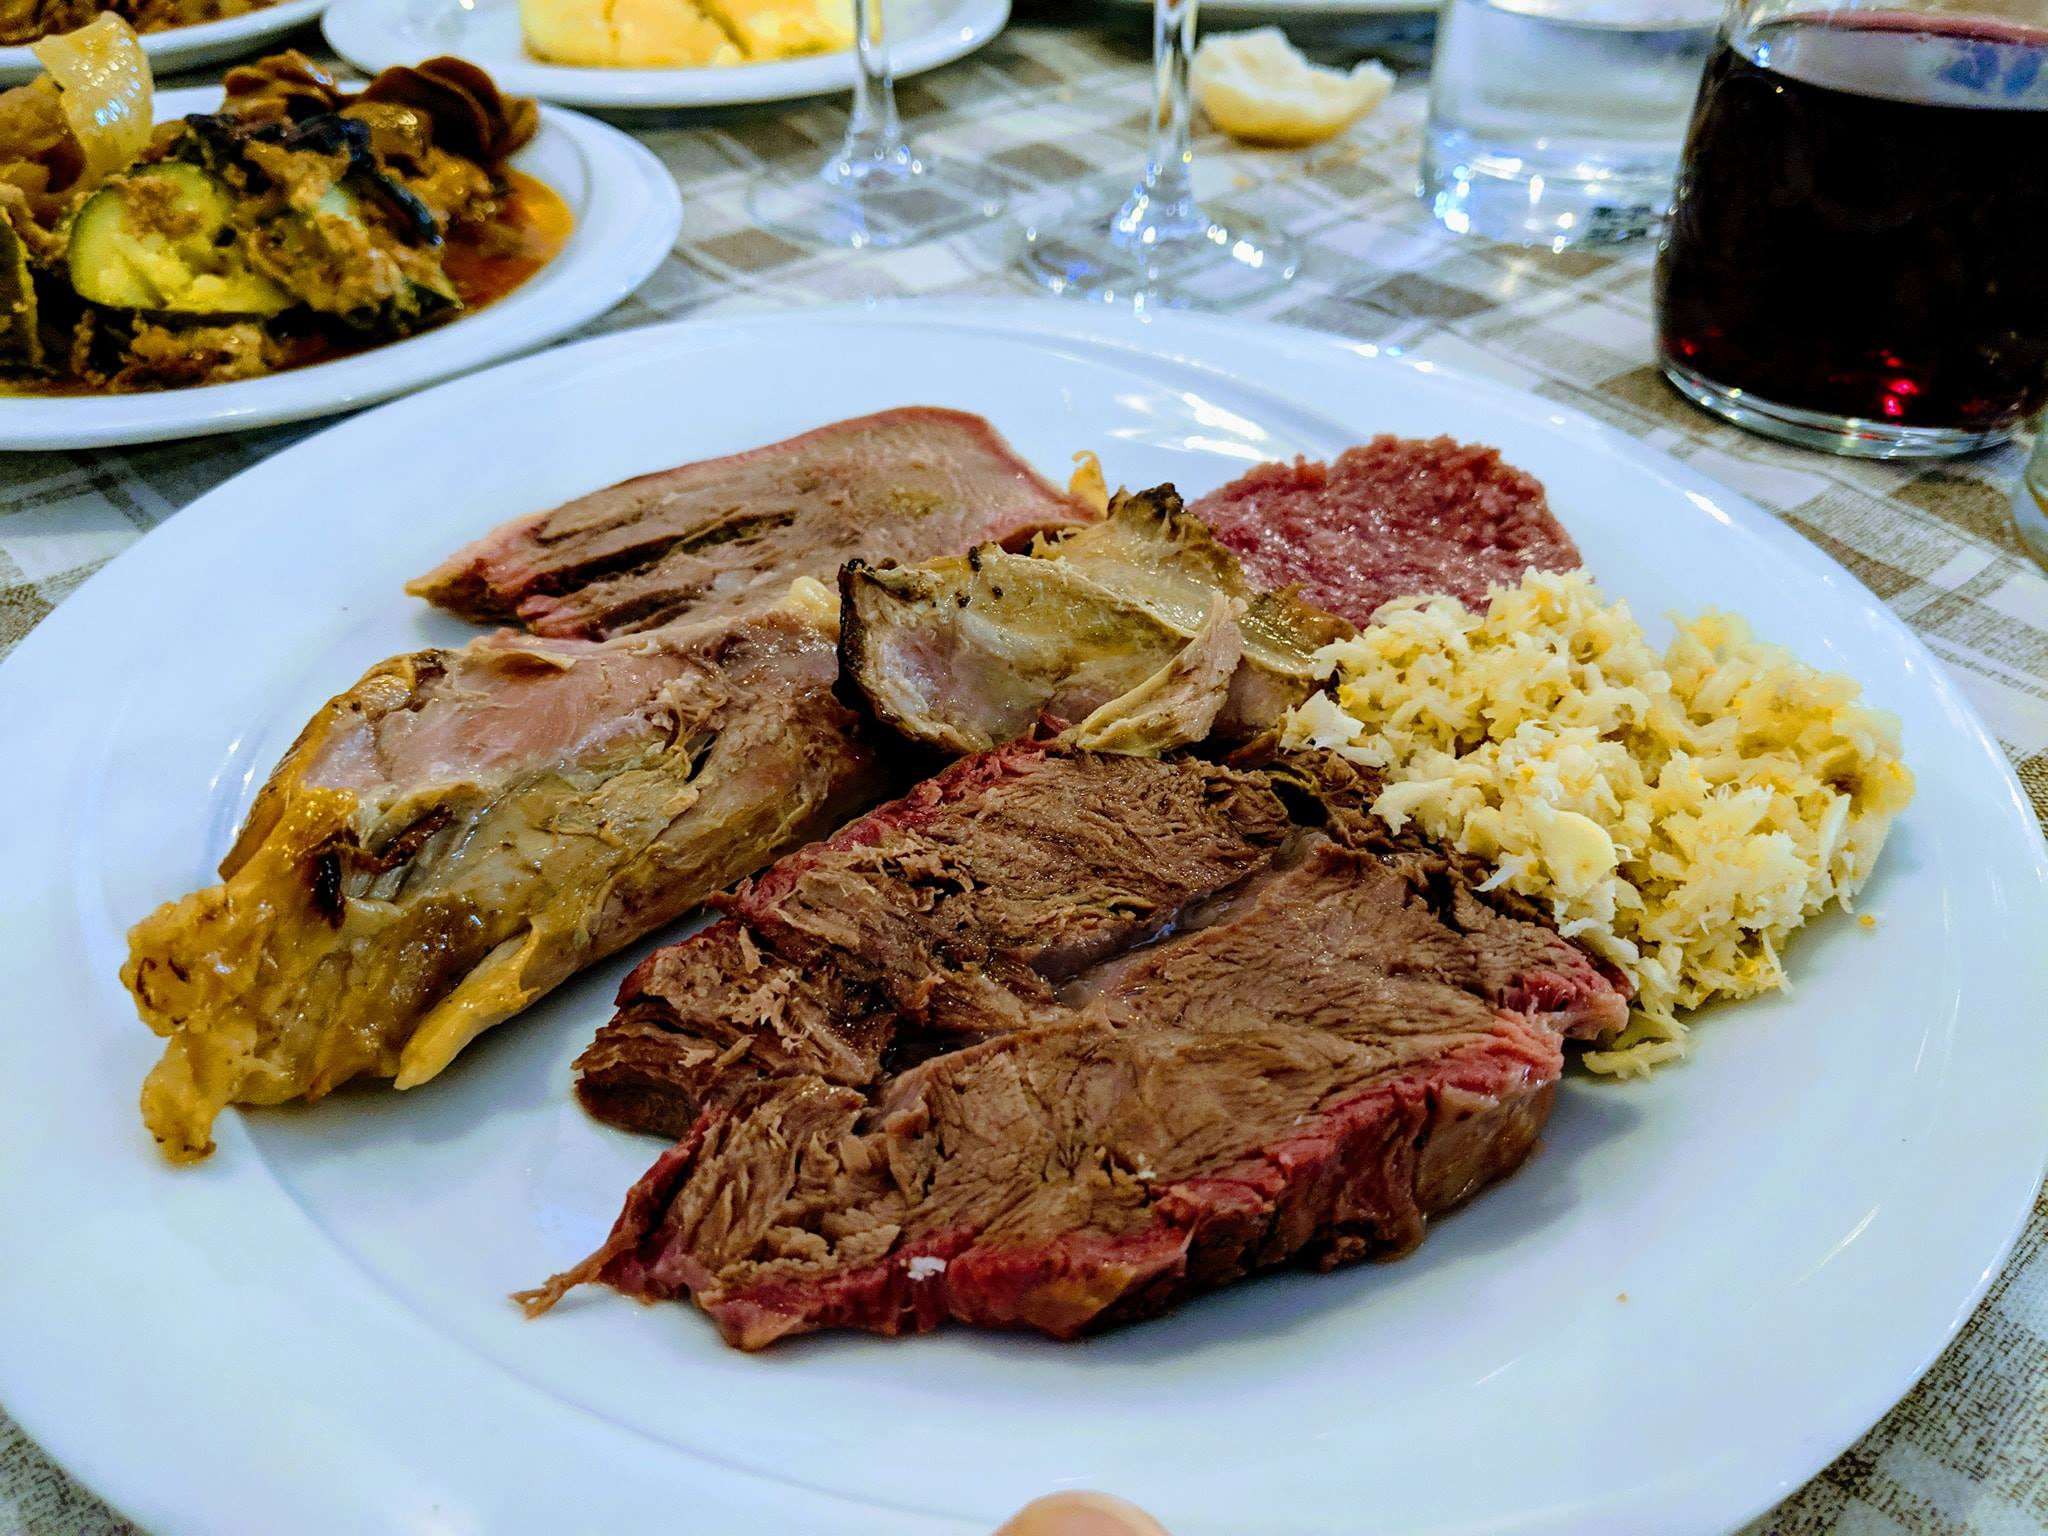 Immagine che contiene piatto, cibo, tavolo, biancoDescrizione generata automaticamente